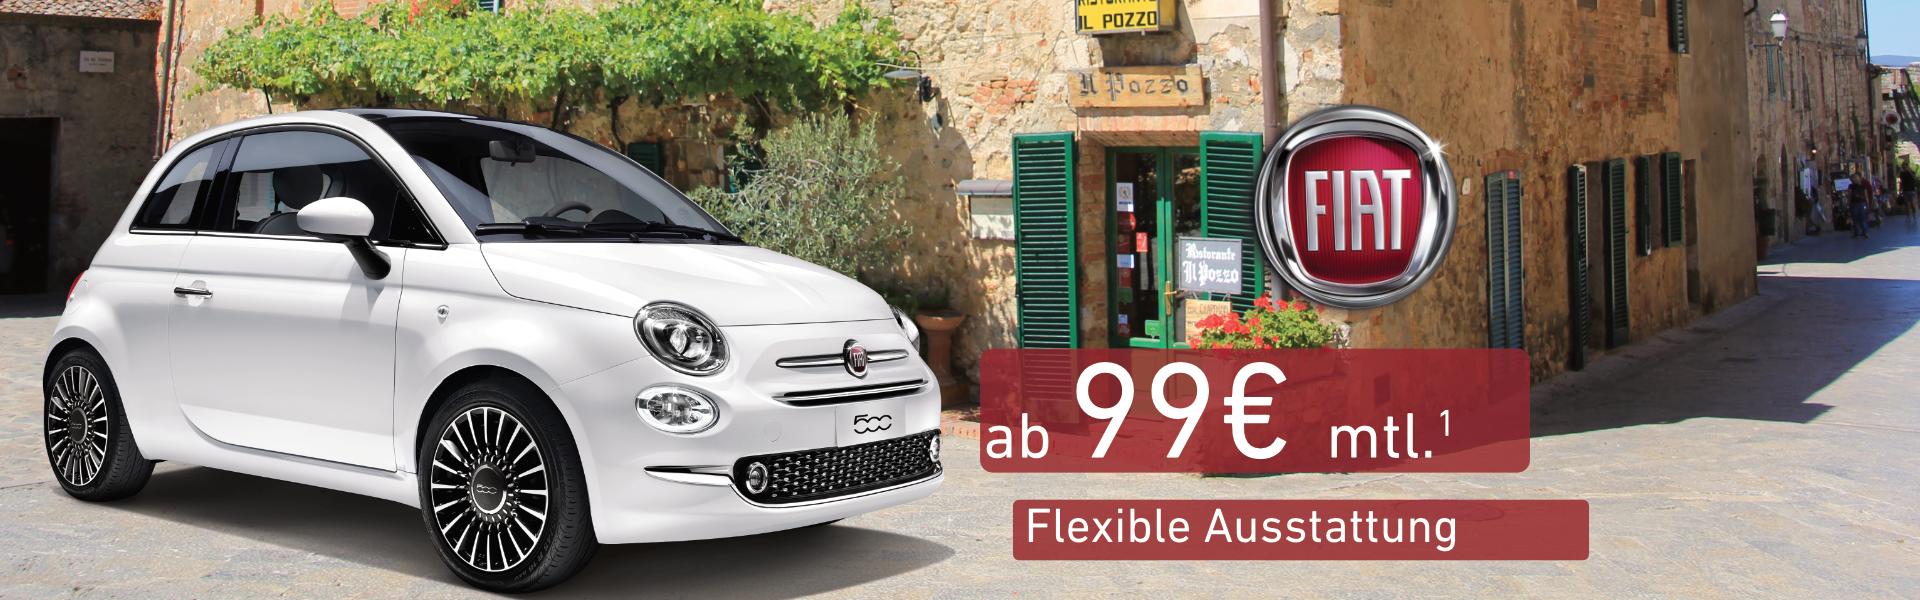 Fiat 500 99€